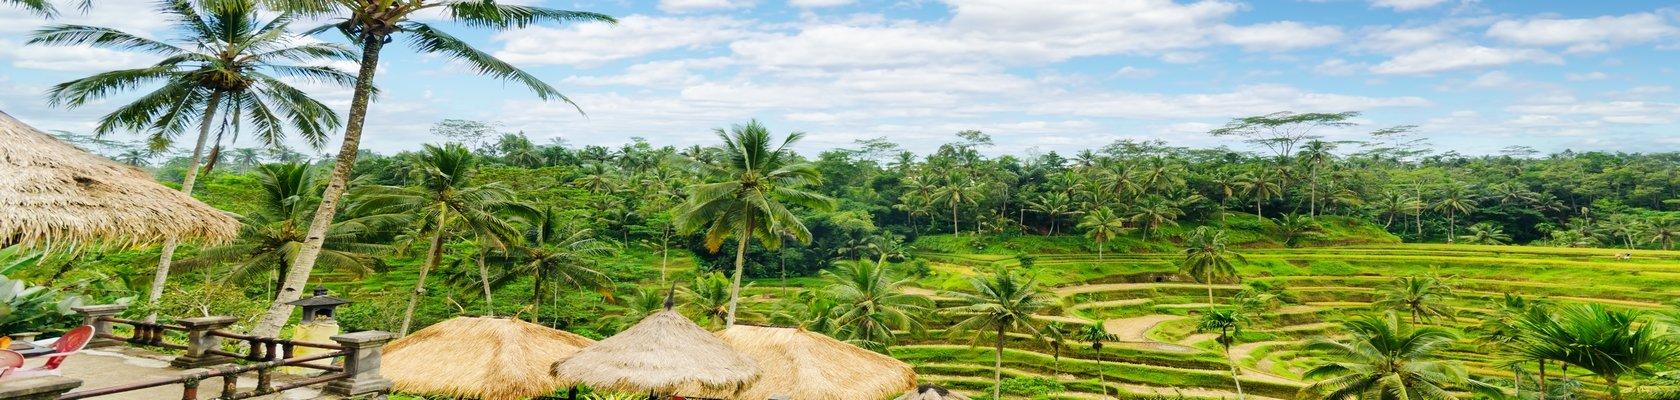 Uitgestrekte plantages en rijstvelden